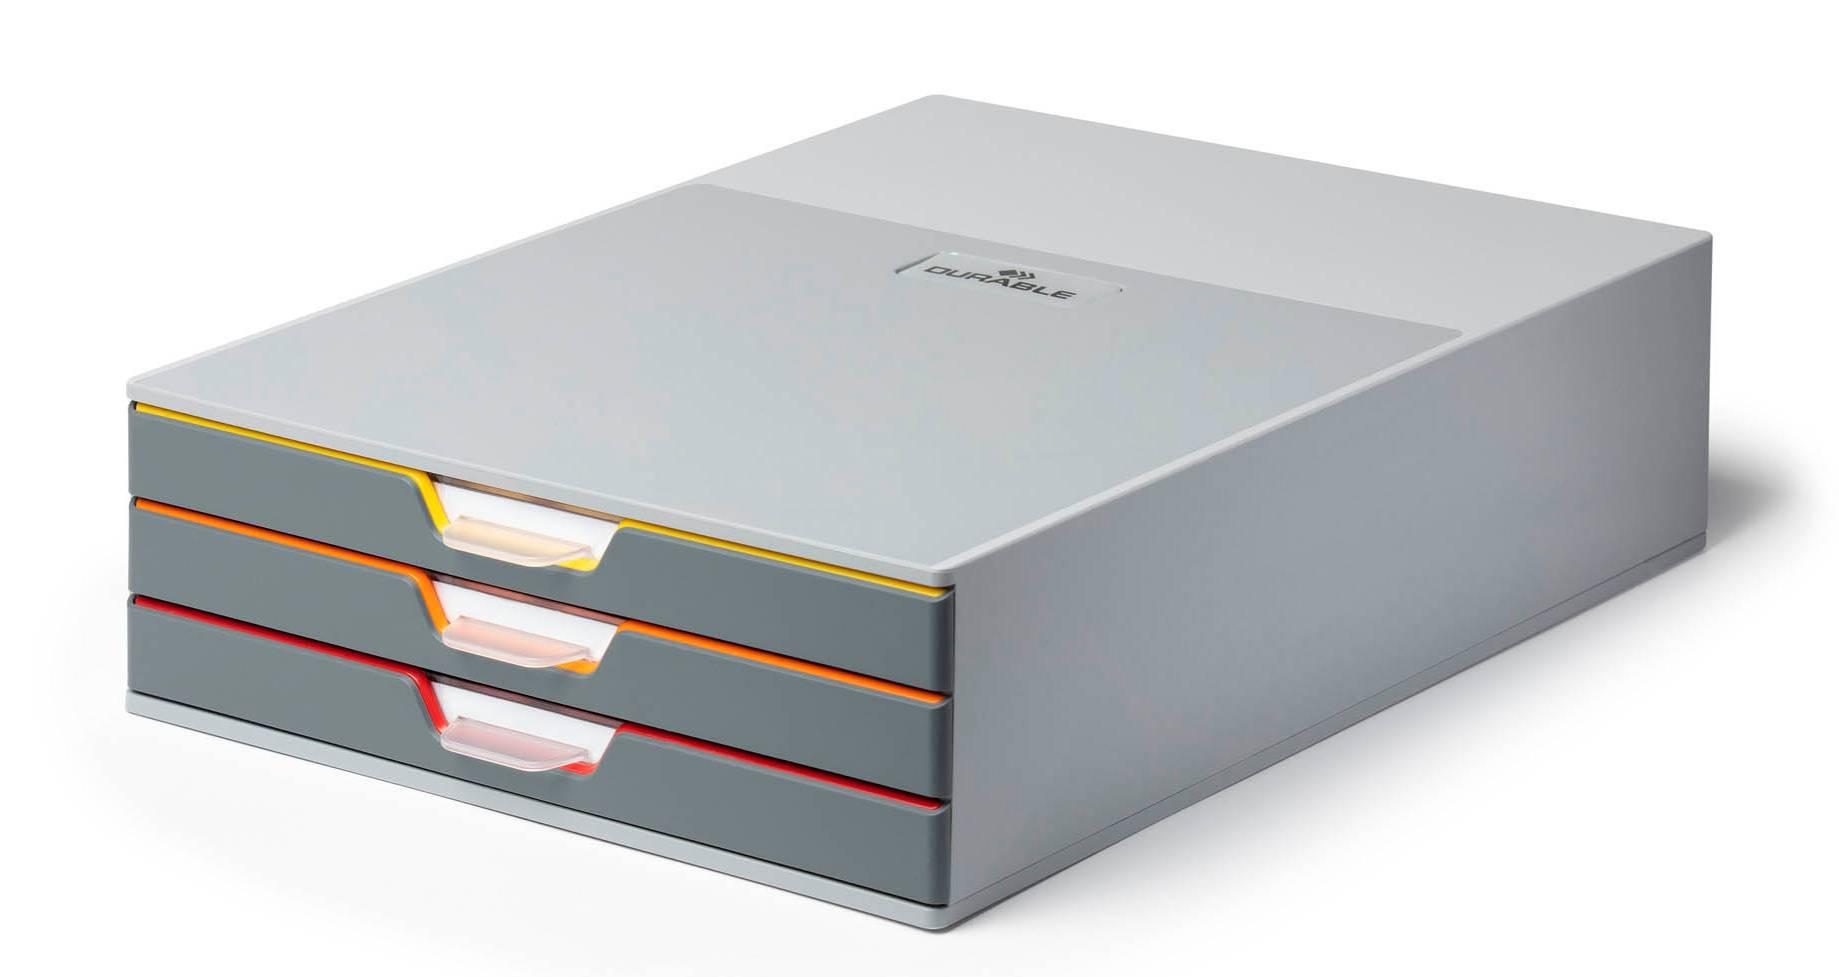 Бокс для документов Durable 7603-27 Varicolor ассорти/серый - фото 1